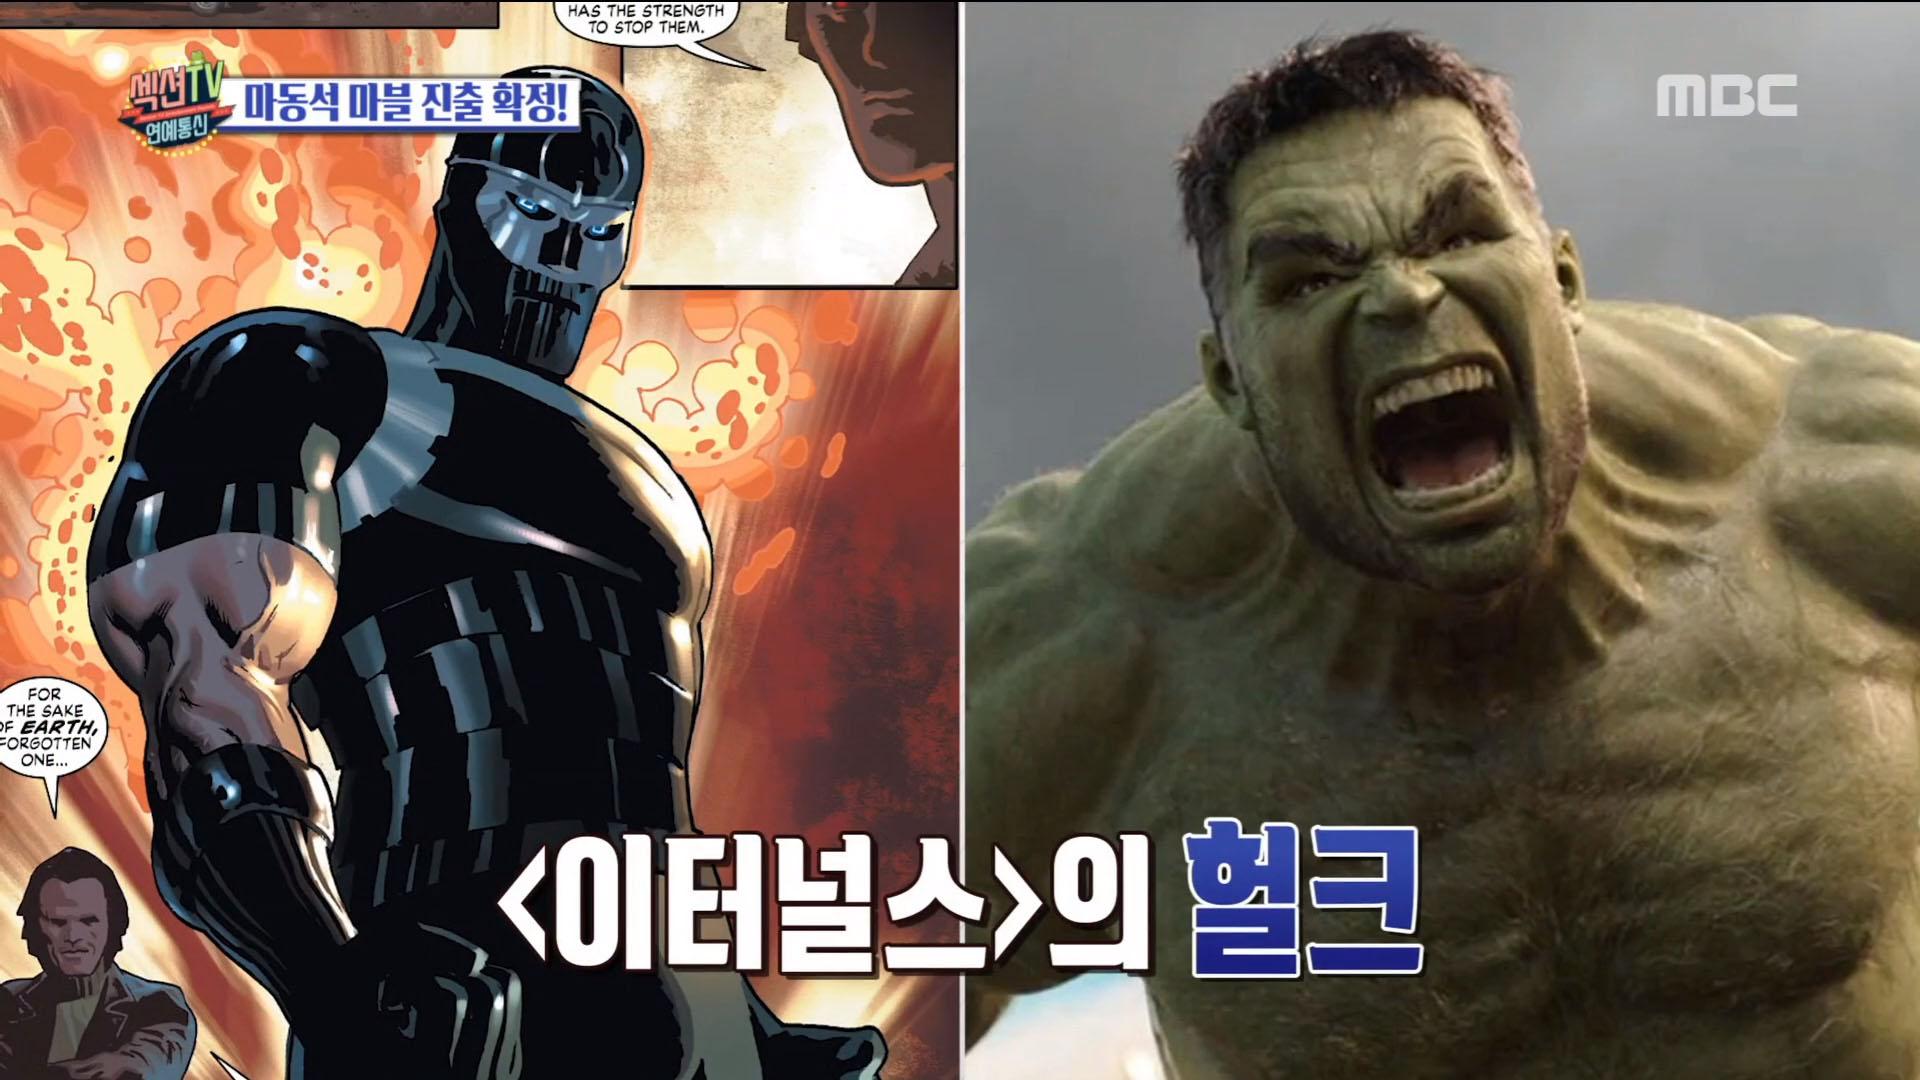 '섹션TV 연예통신' 마블 진출! 마동석 '이터널스'의 헐크 ...